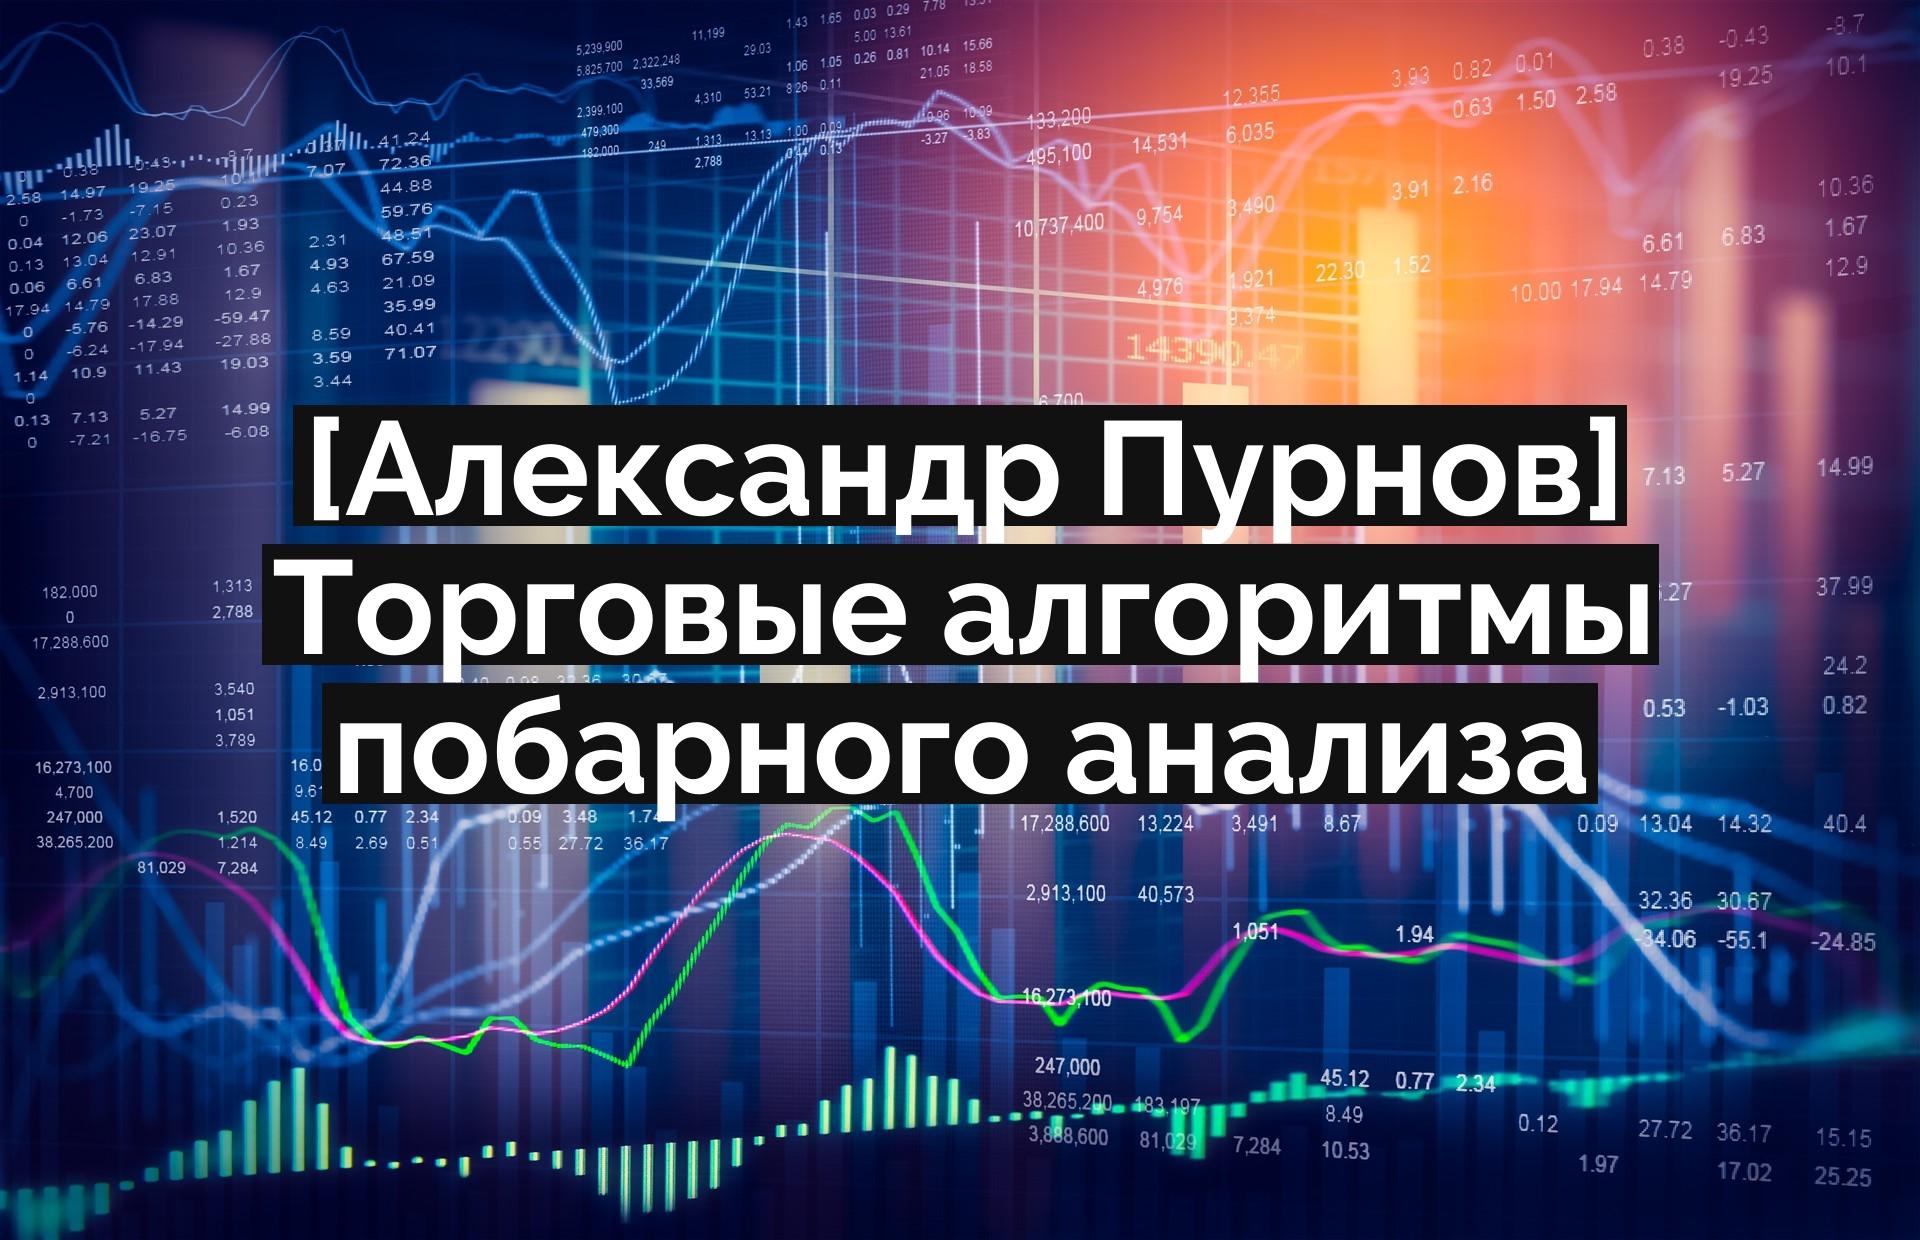 [Александр Пурнов] Торговые алгоритмы побарного анализа